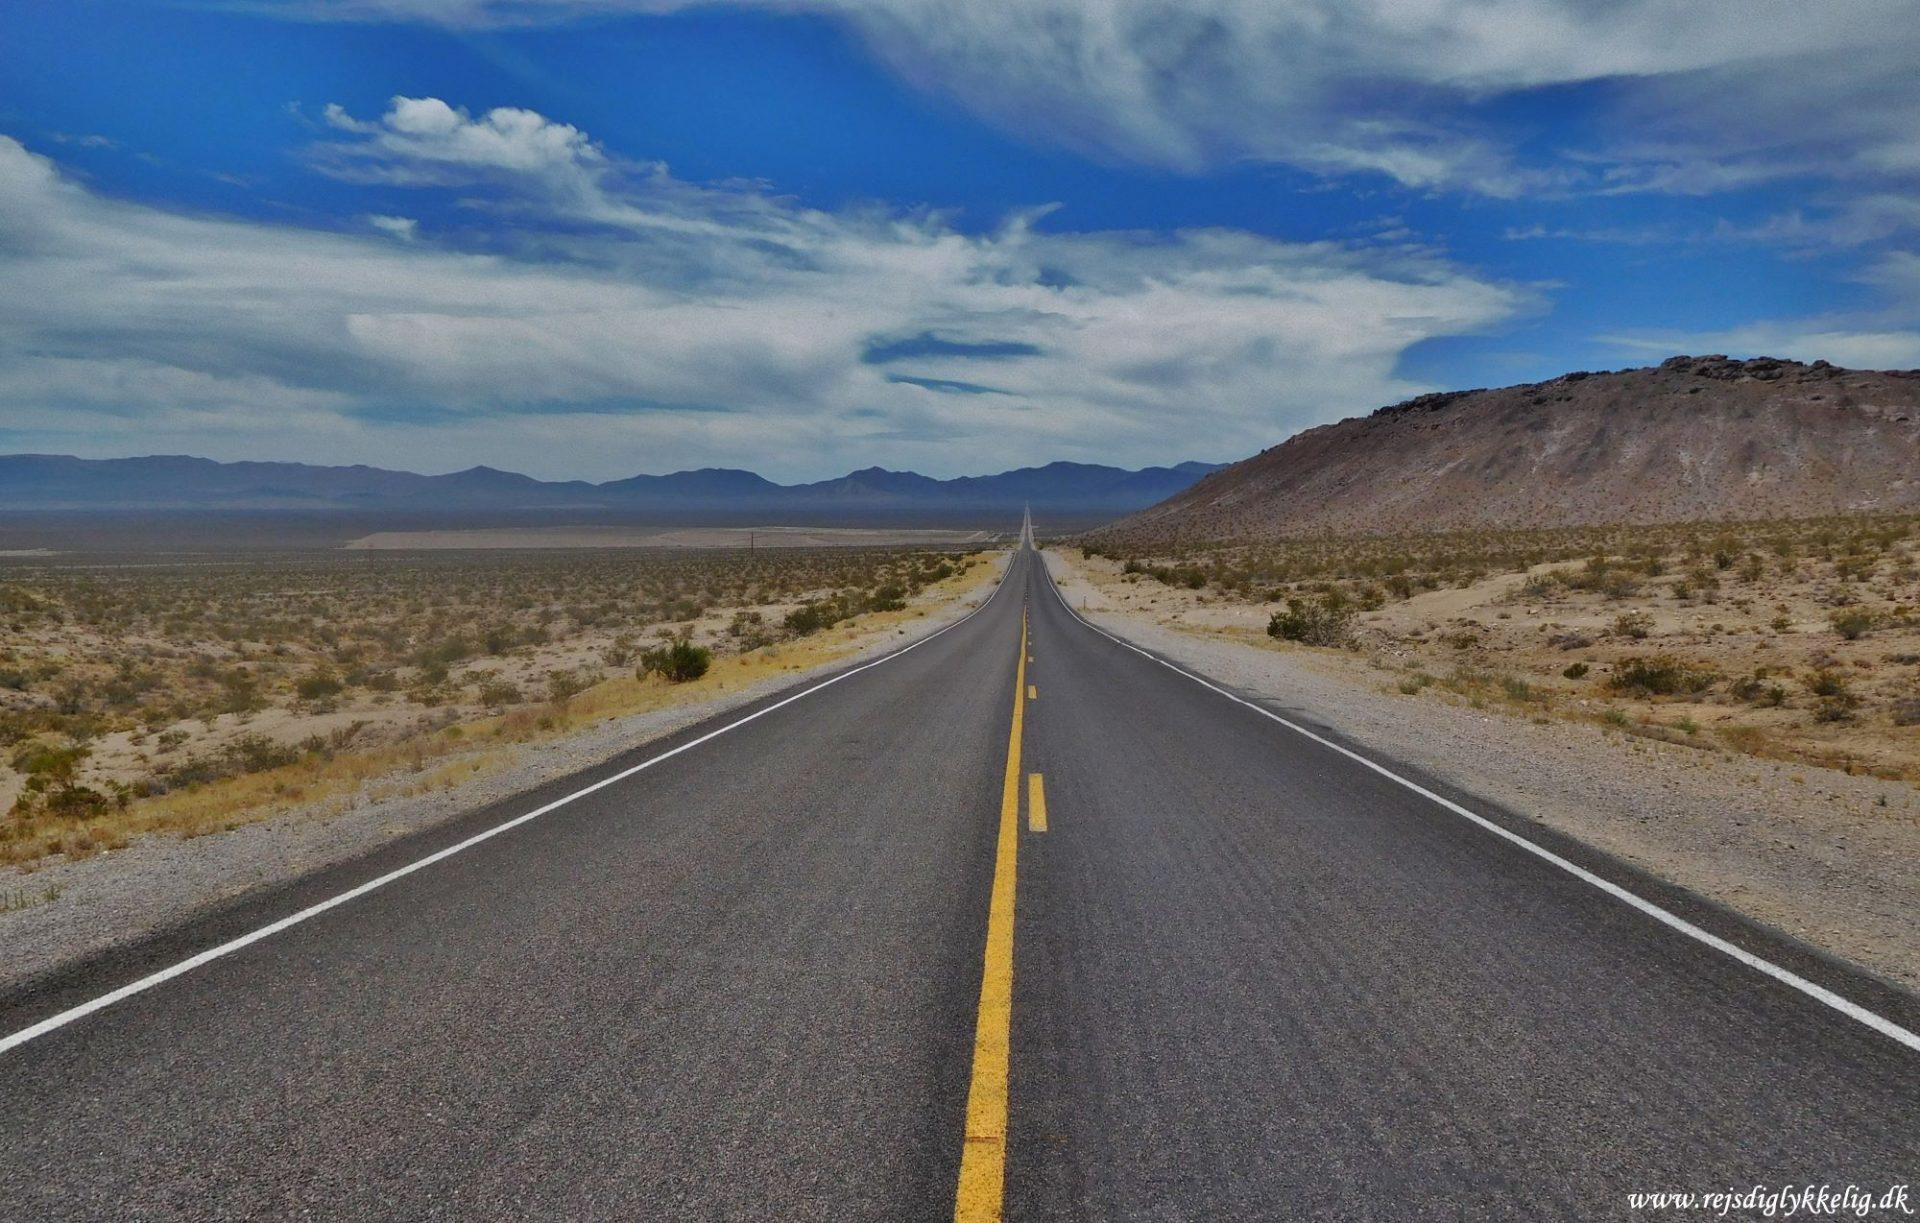 Road trip rute i det vestlige USA - Rejsdiglykkelig.dk